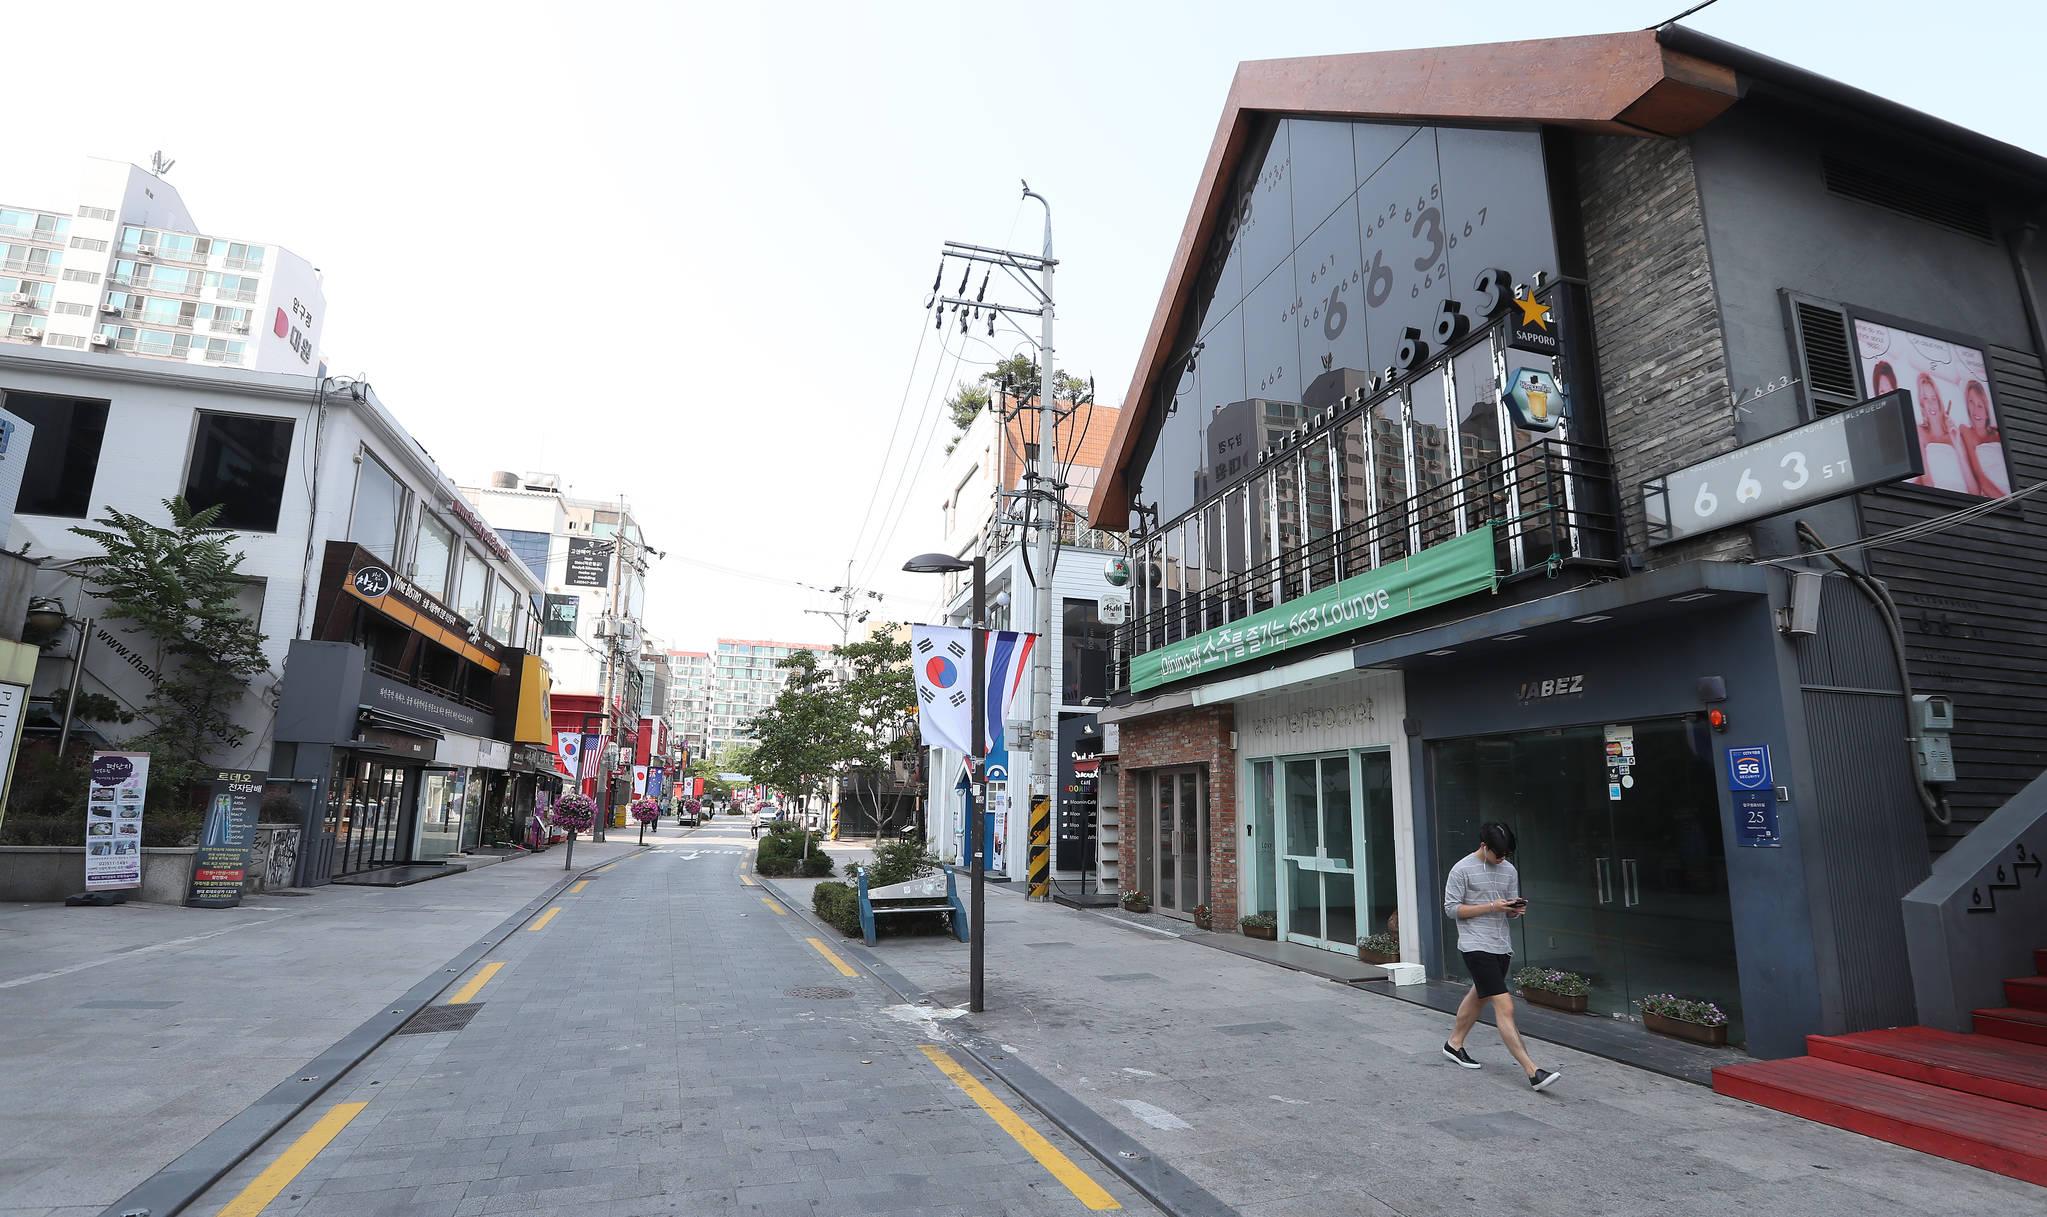 18일 오후 일요일 오후 압구정 로데오 거리가 한산하다. 한때 성업을 이뤘던 1층 상점 곳곳에 임대 문의가 적힌 방이 부착되어 있다. 우상조 기자